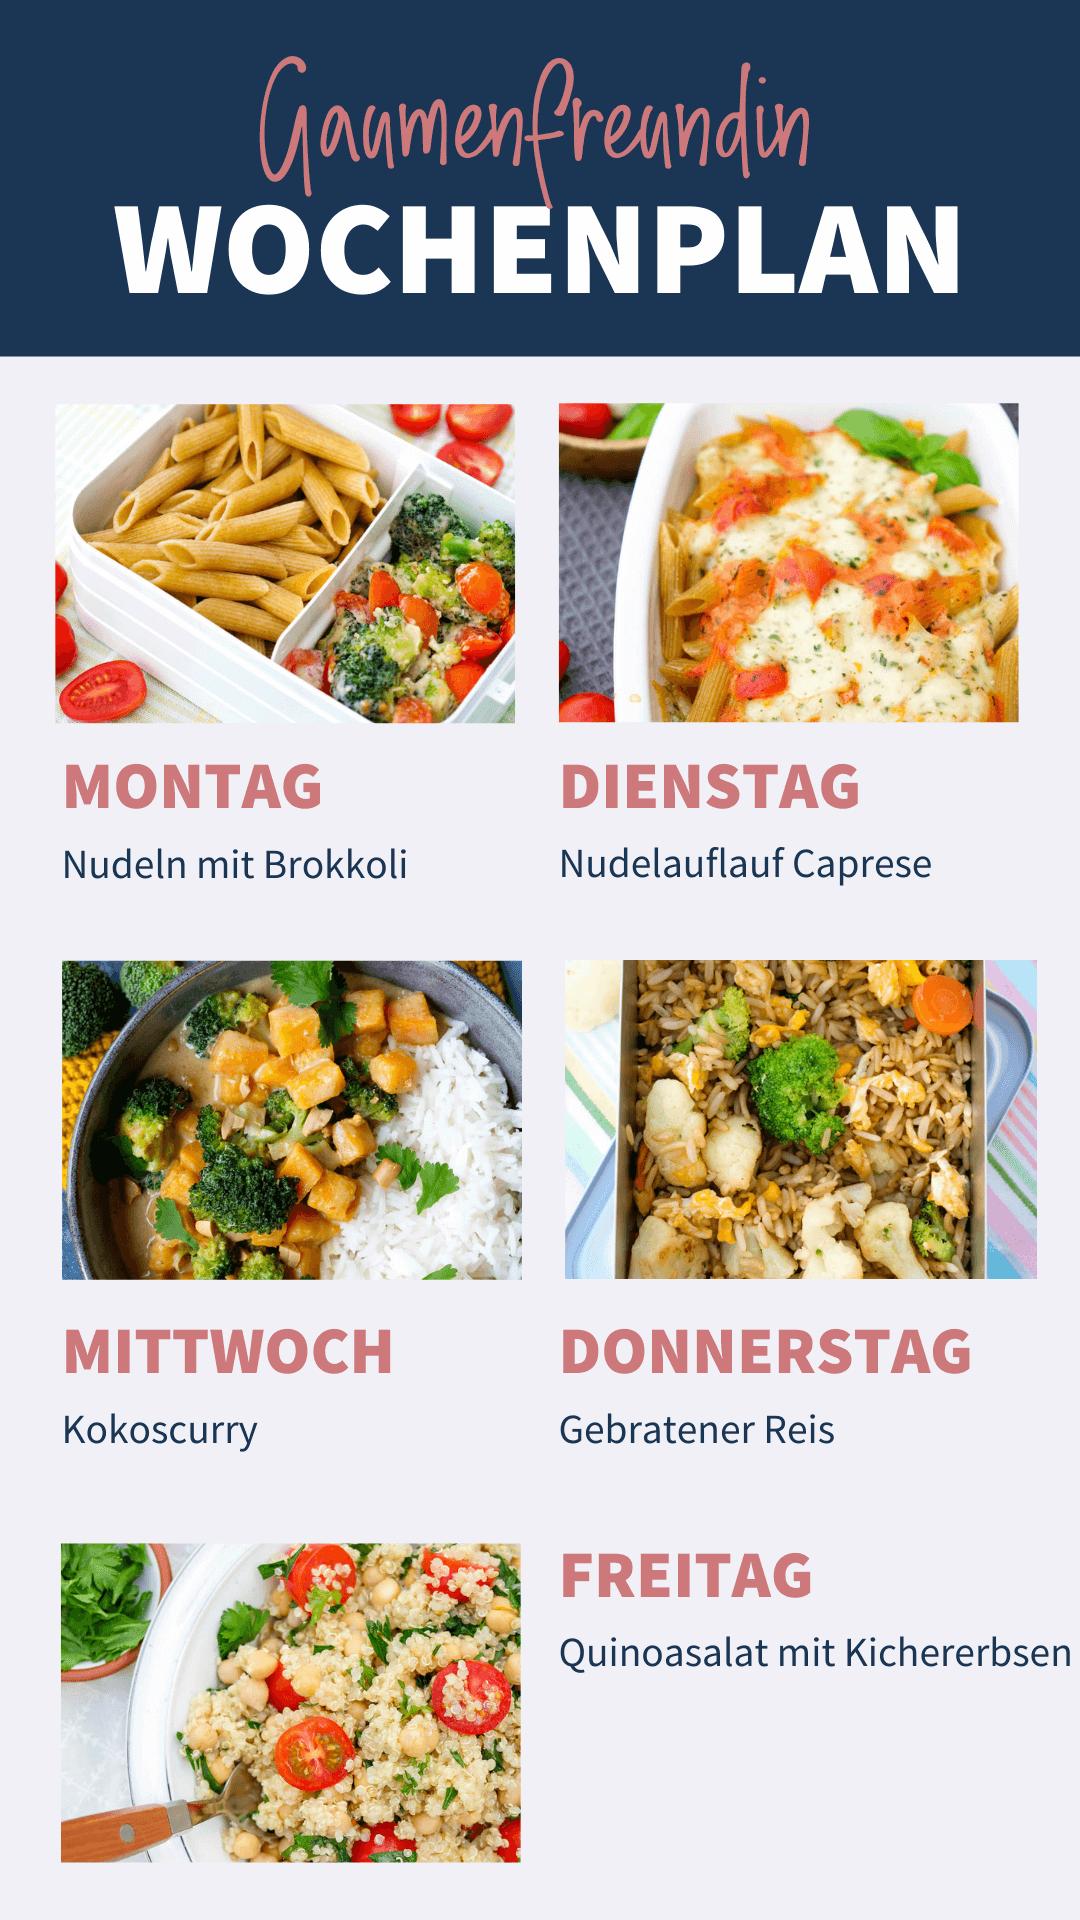 Vegetarischer Wochenplan für dein Meal Prep von Gaumenfreundin